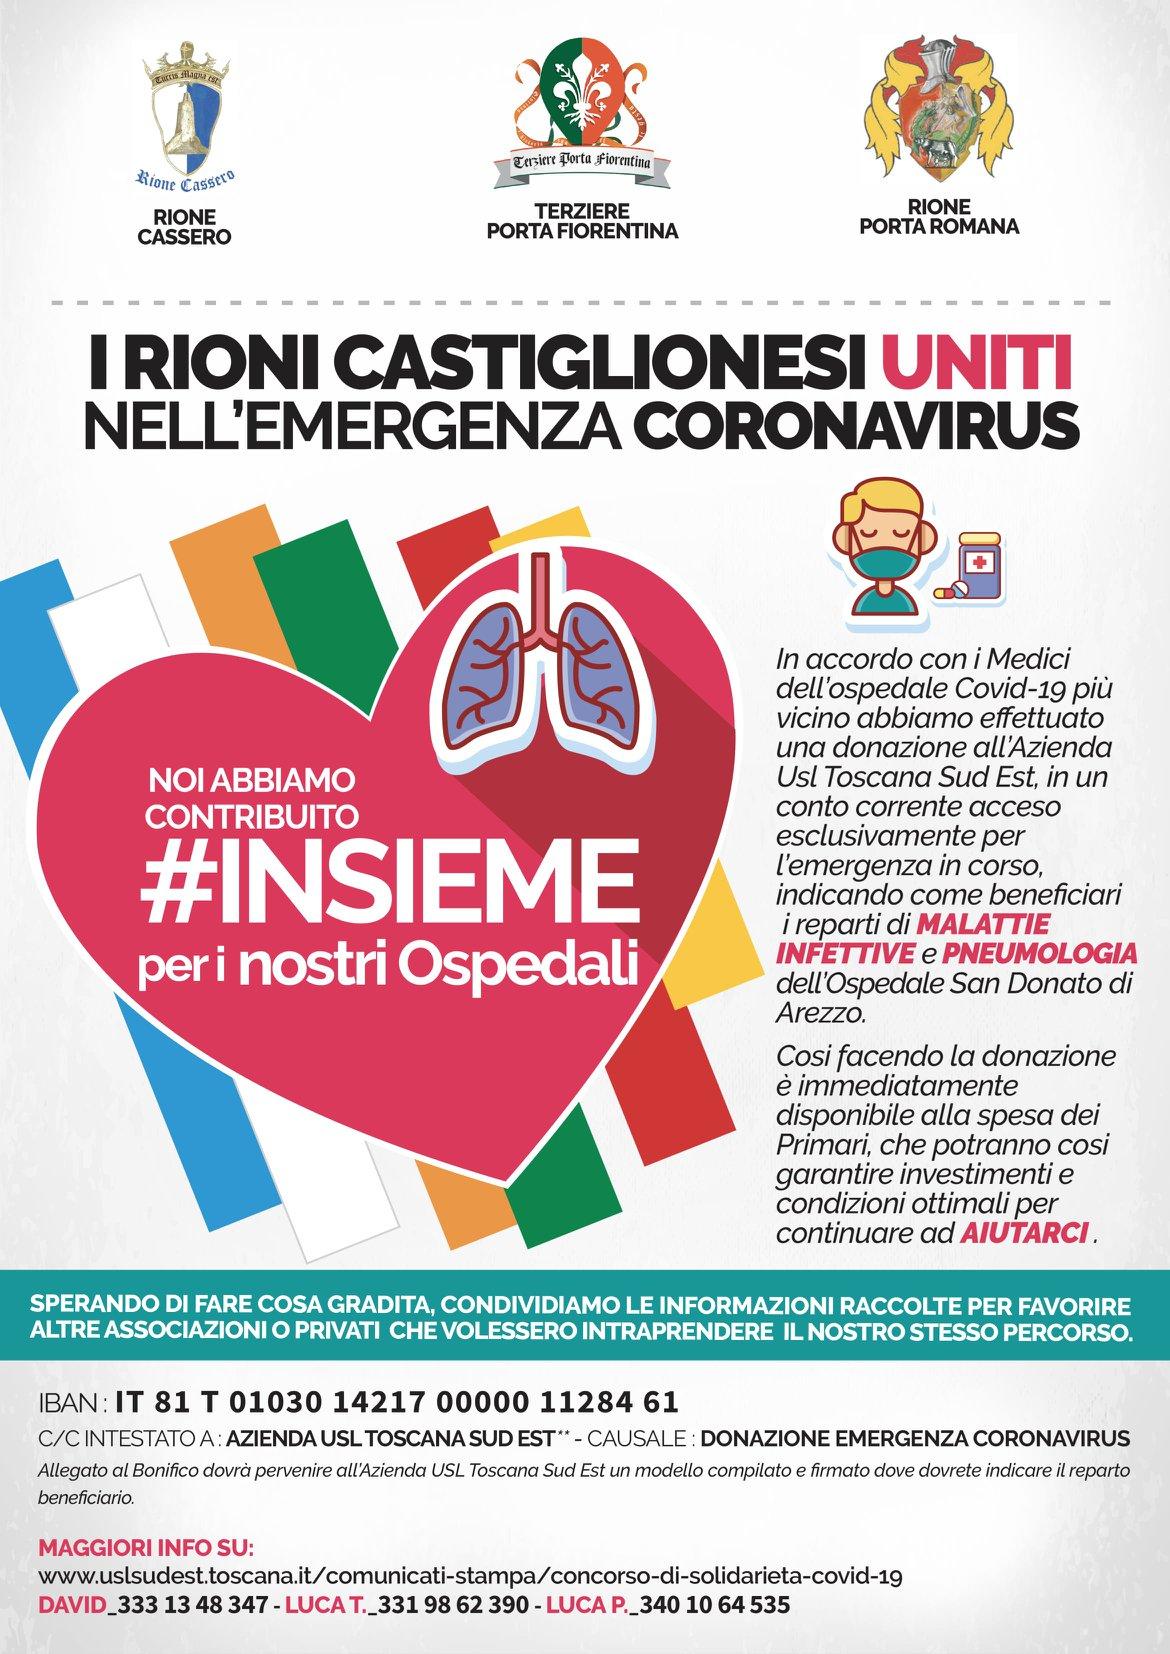 Castiglion Fiorentino: i tre rioni hanno fatto una donazione all'Ospedale di Arezzo